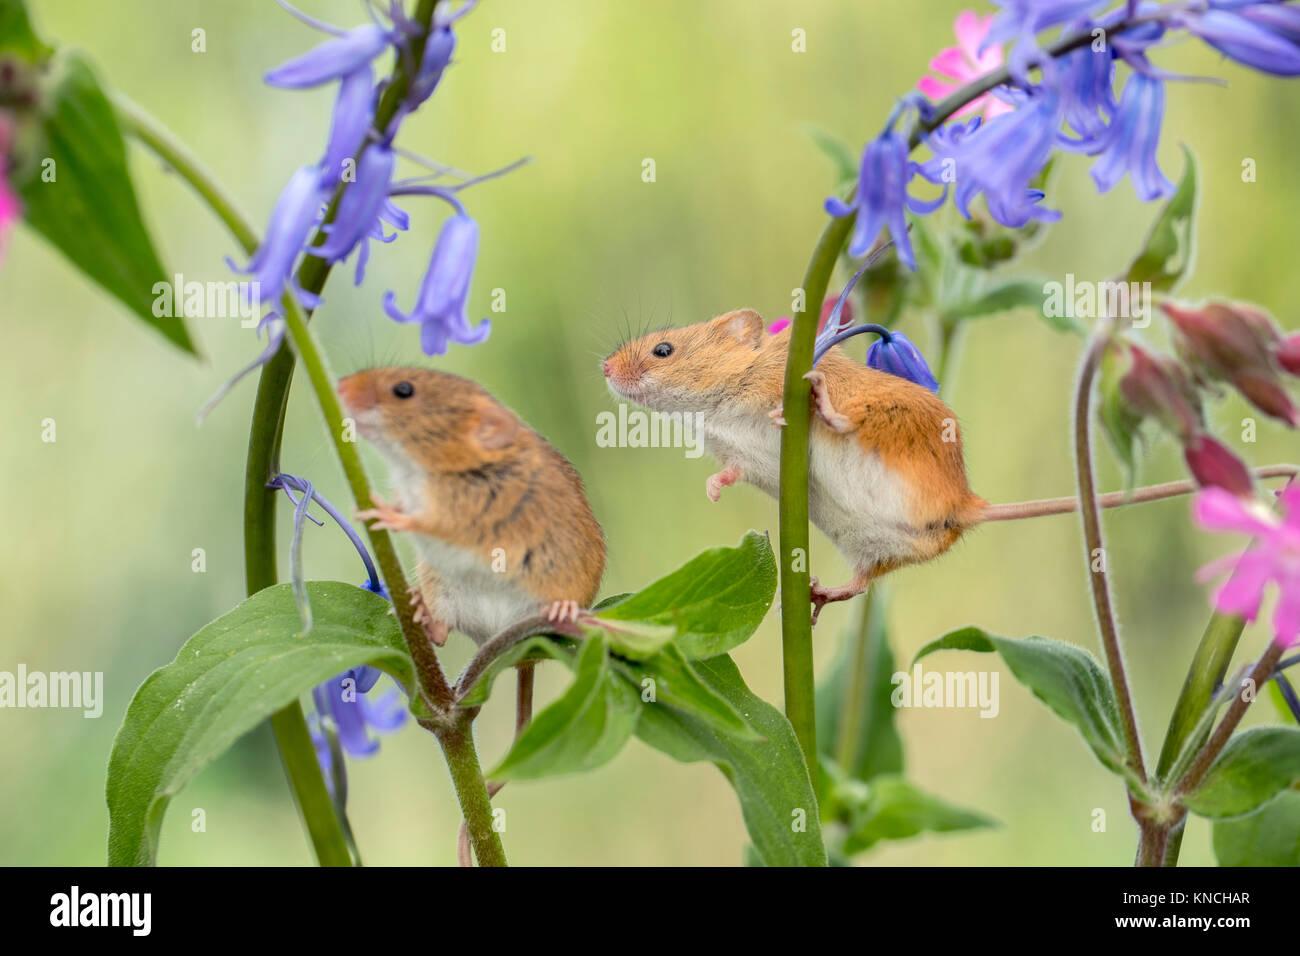 Ernte Maus; Micromys minutus Zwei auf Blumen UK Stockfoto, Bild ...